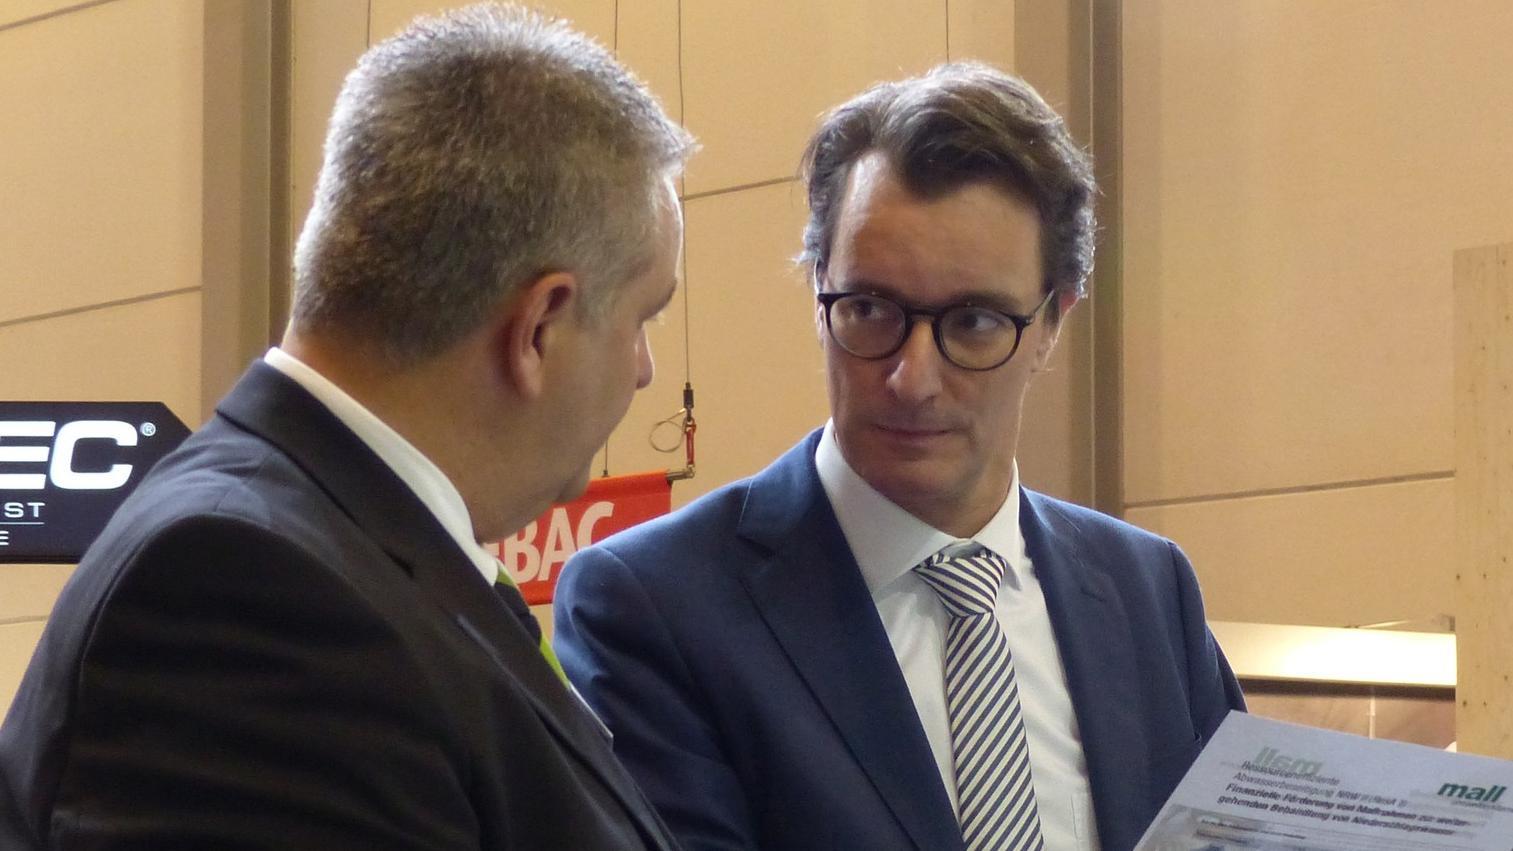 Hendrik Wüst, Verkehrsminister des Landes Nordrhein-Westfalen, beim Rundgang auf der Infratech 2018.